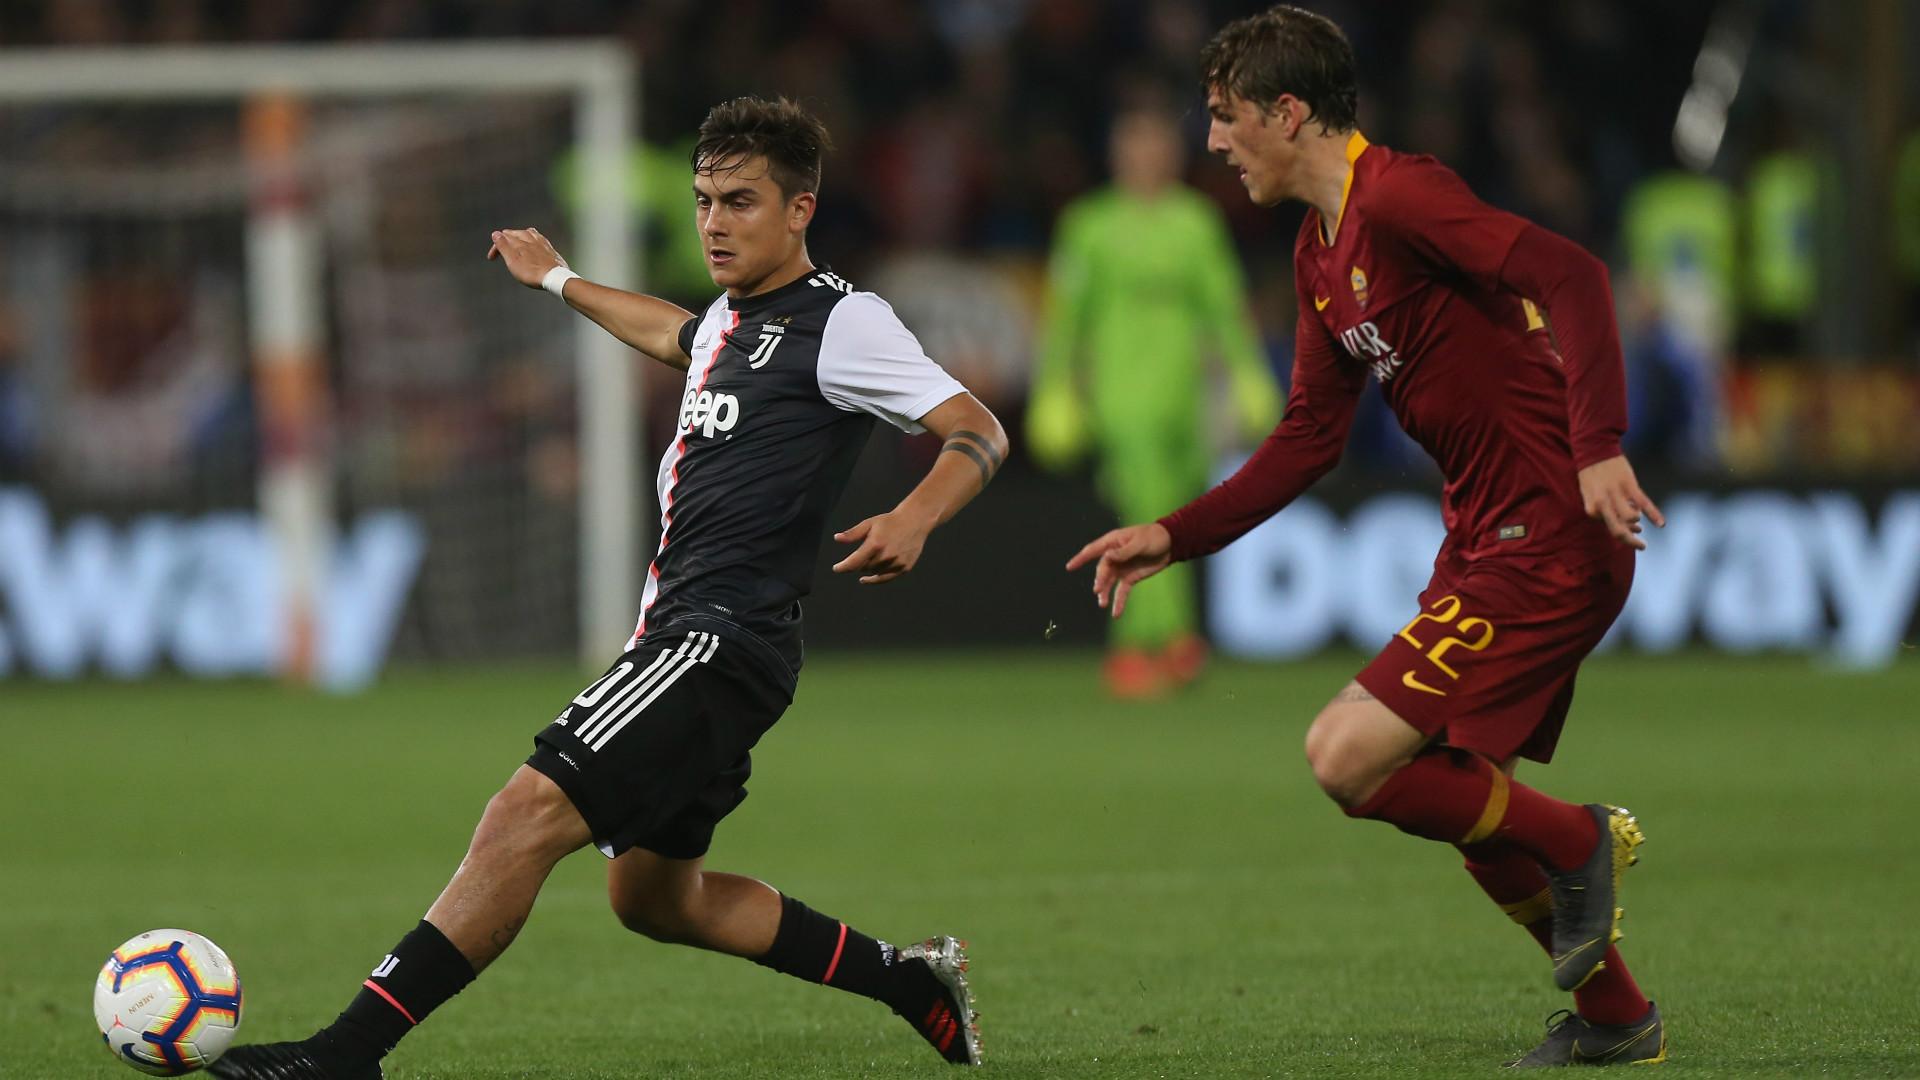 Roma-Juventus Dybala Zaniolo